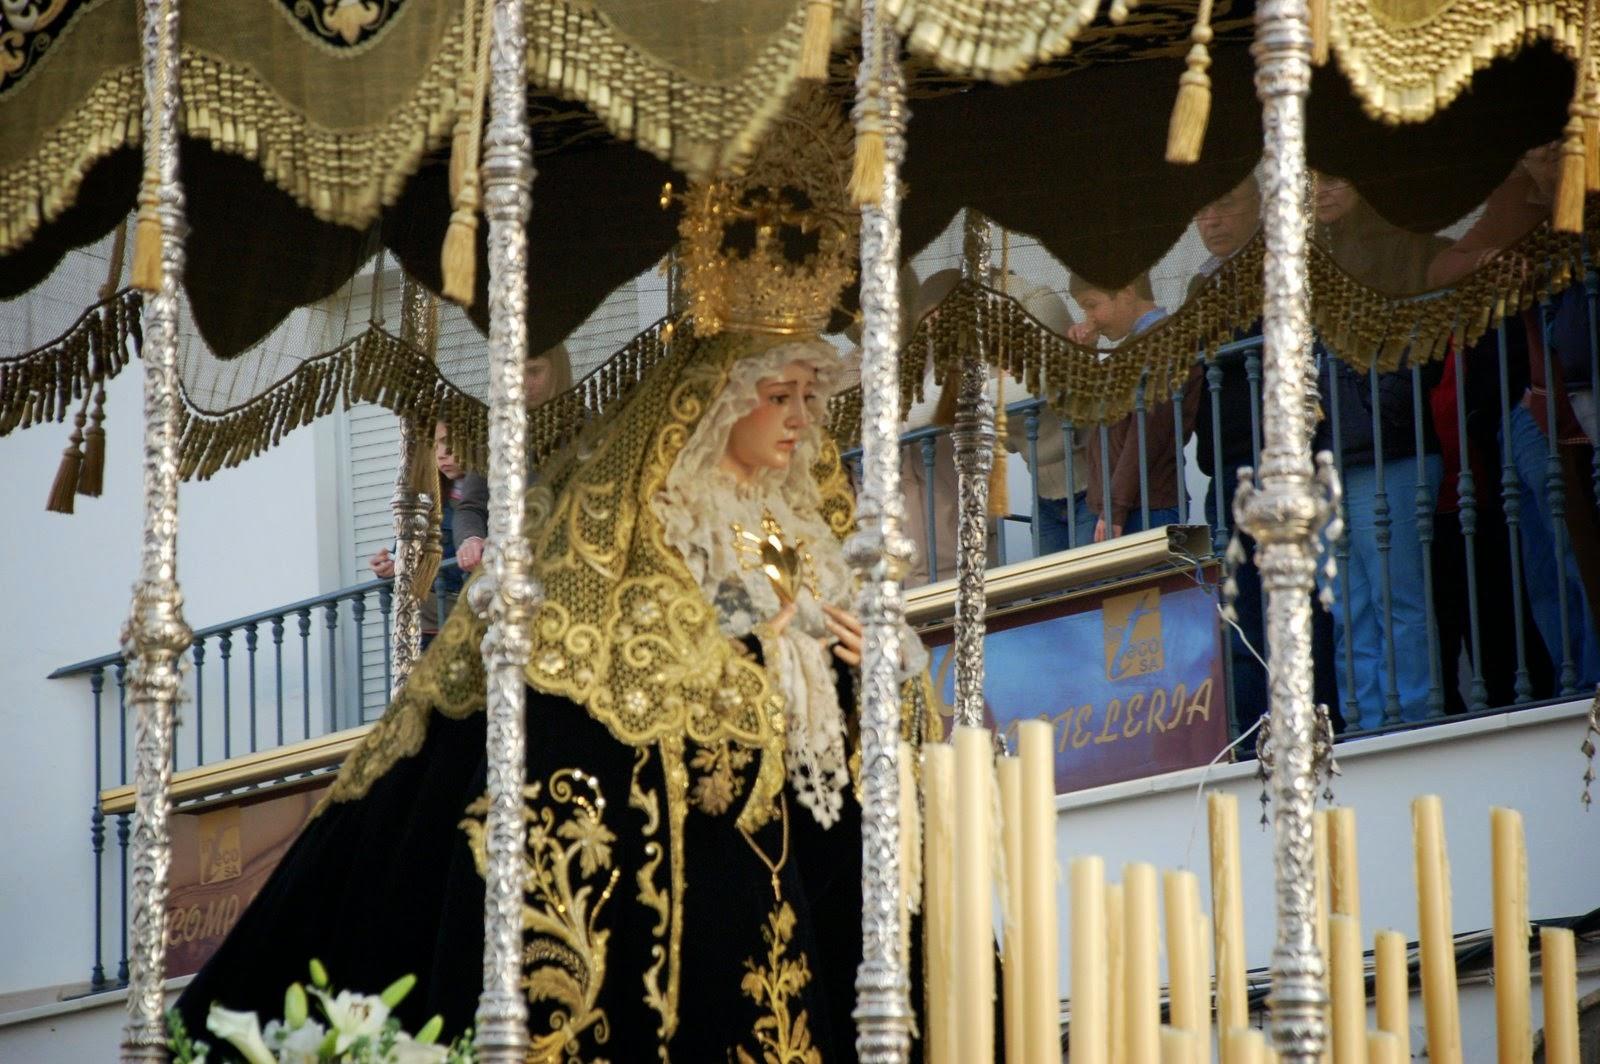 Horarios e itinerarios semana santa pedrera sevilla 2015 - Horario merkamueble sevilla ...